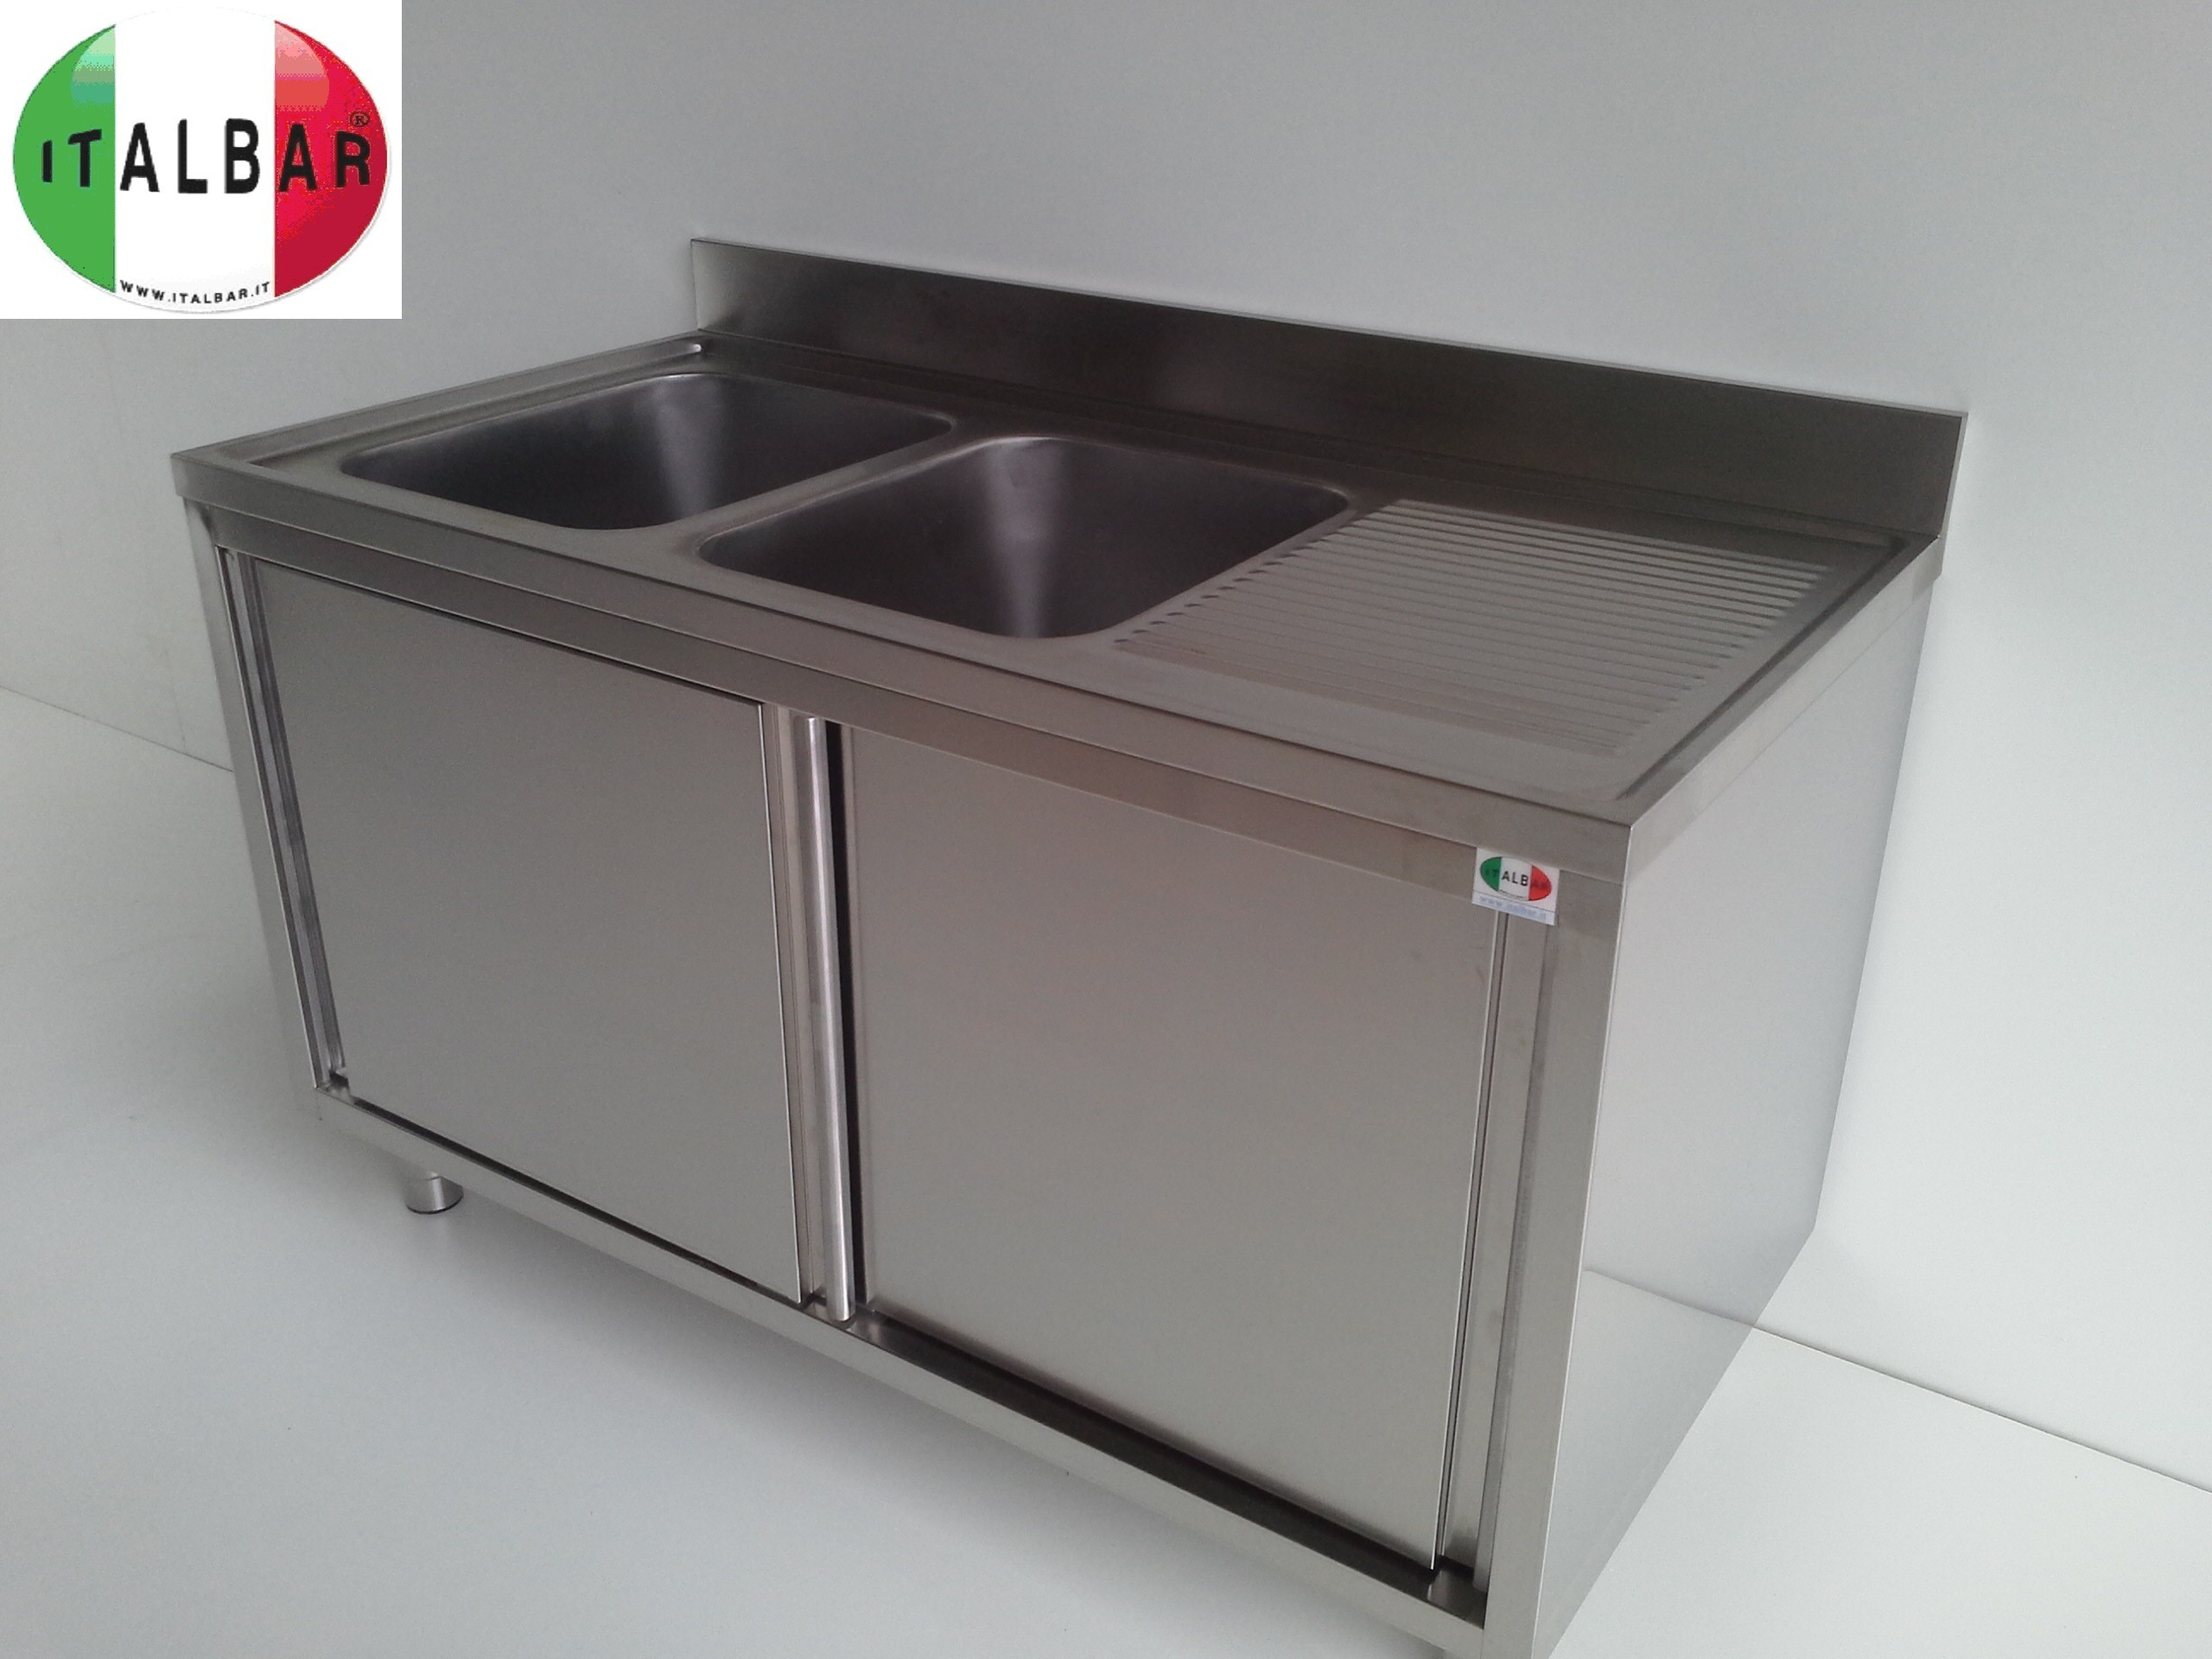 Camerette 3 letti mercatone uno - Lavello cucina professionale ...